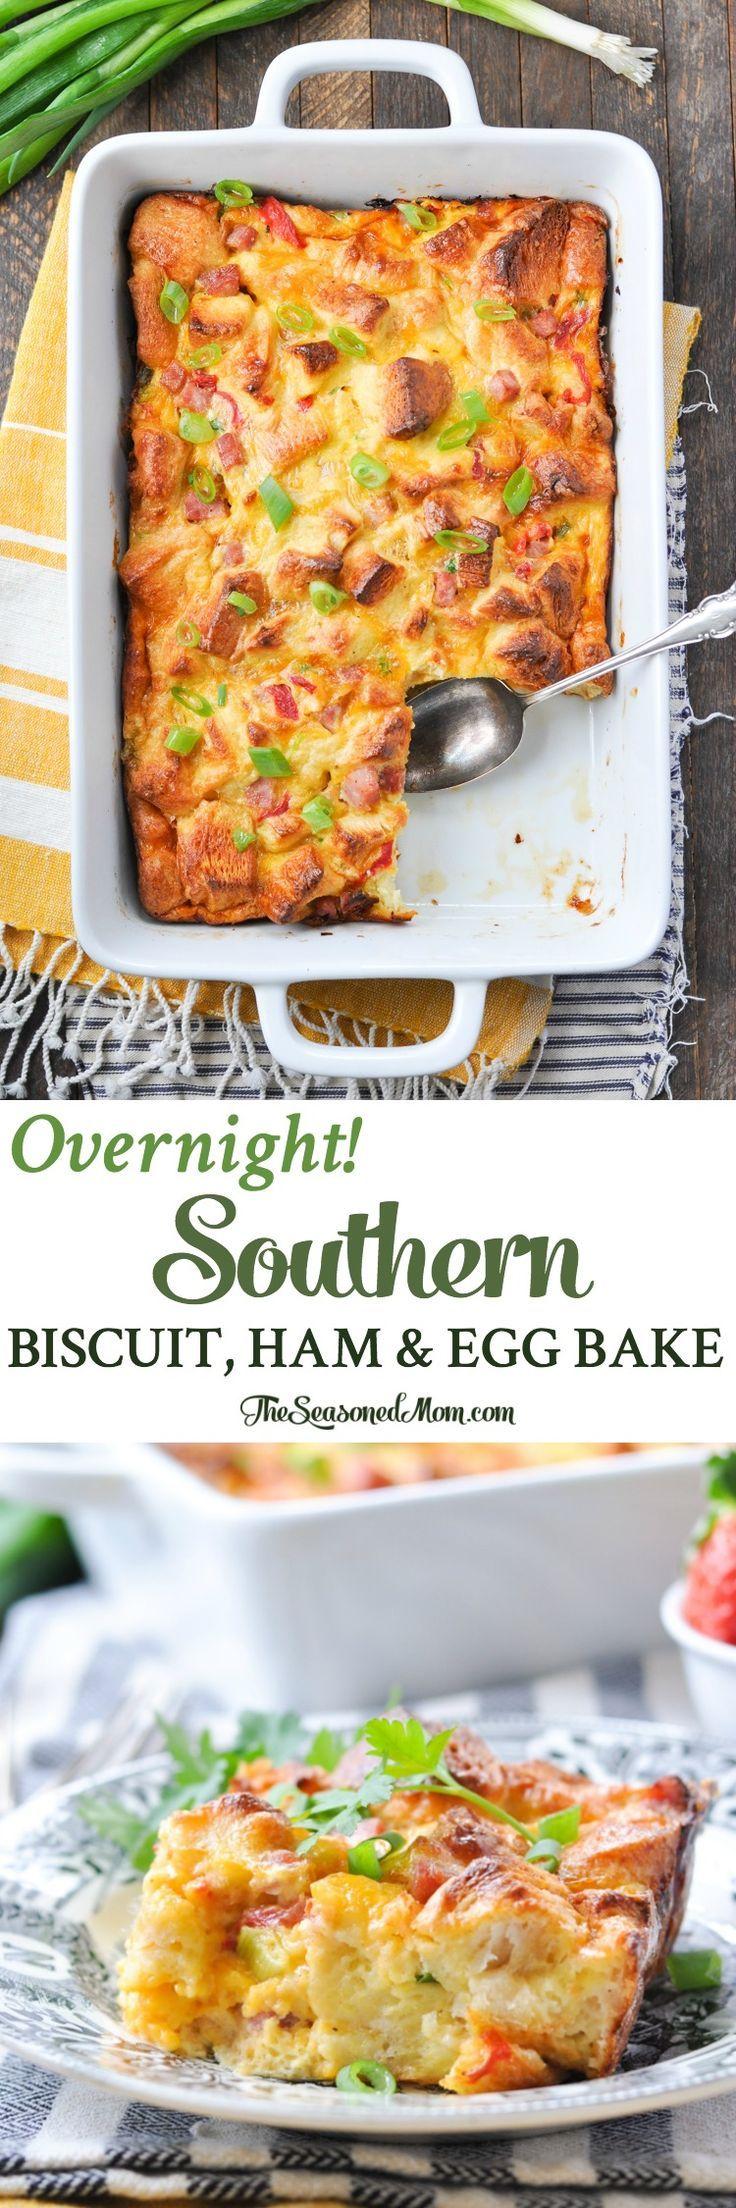 Overnight Southern Biscuit, Ham & Egg Bake! Breakfast Casserole | Breakfast Ideas | Breakfast Recipes | Brunch Ideas | Brunch Recipes | Easter Ideas